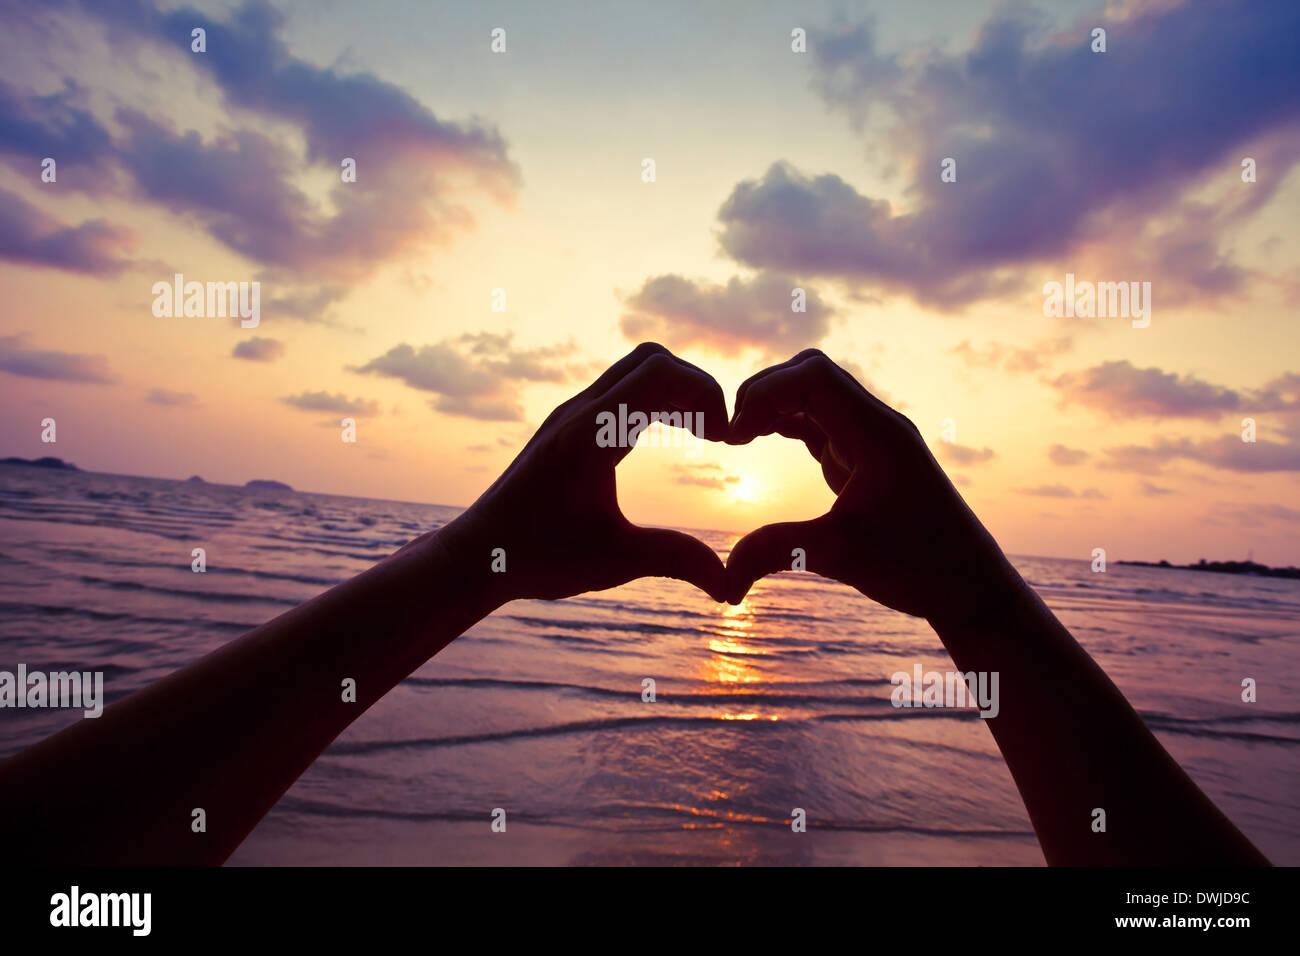 Vive tu sueño, amor, concepto Imagen De Stock